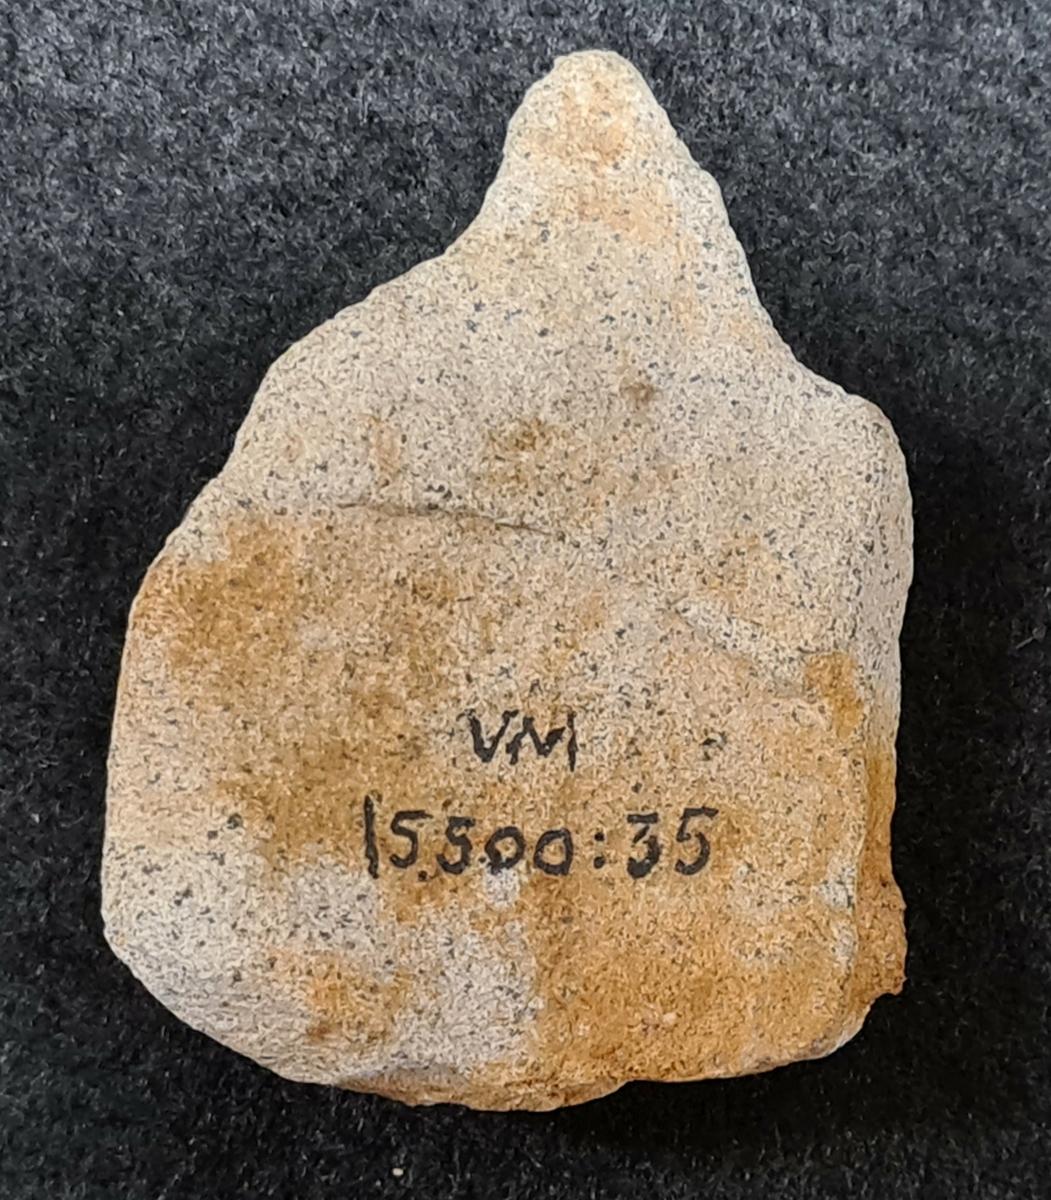 Bergartsavslag, 1 st.  Ingår i boplatsfyndet VM15500:35: H5, Huvudnäsön, Vänersborg, Västergötland.